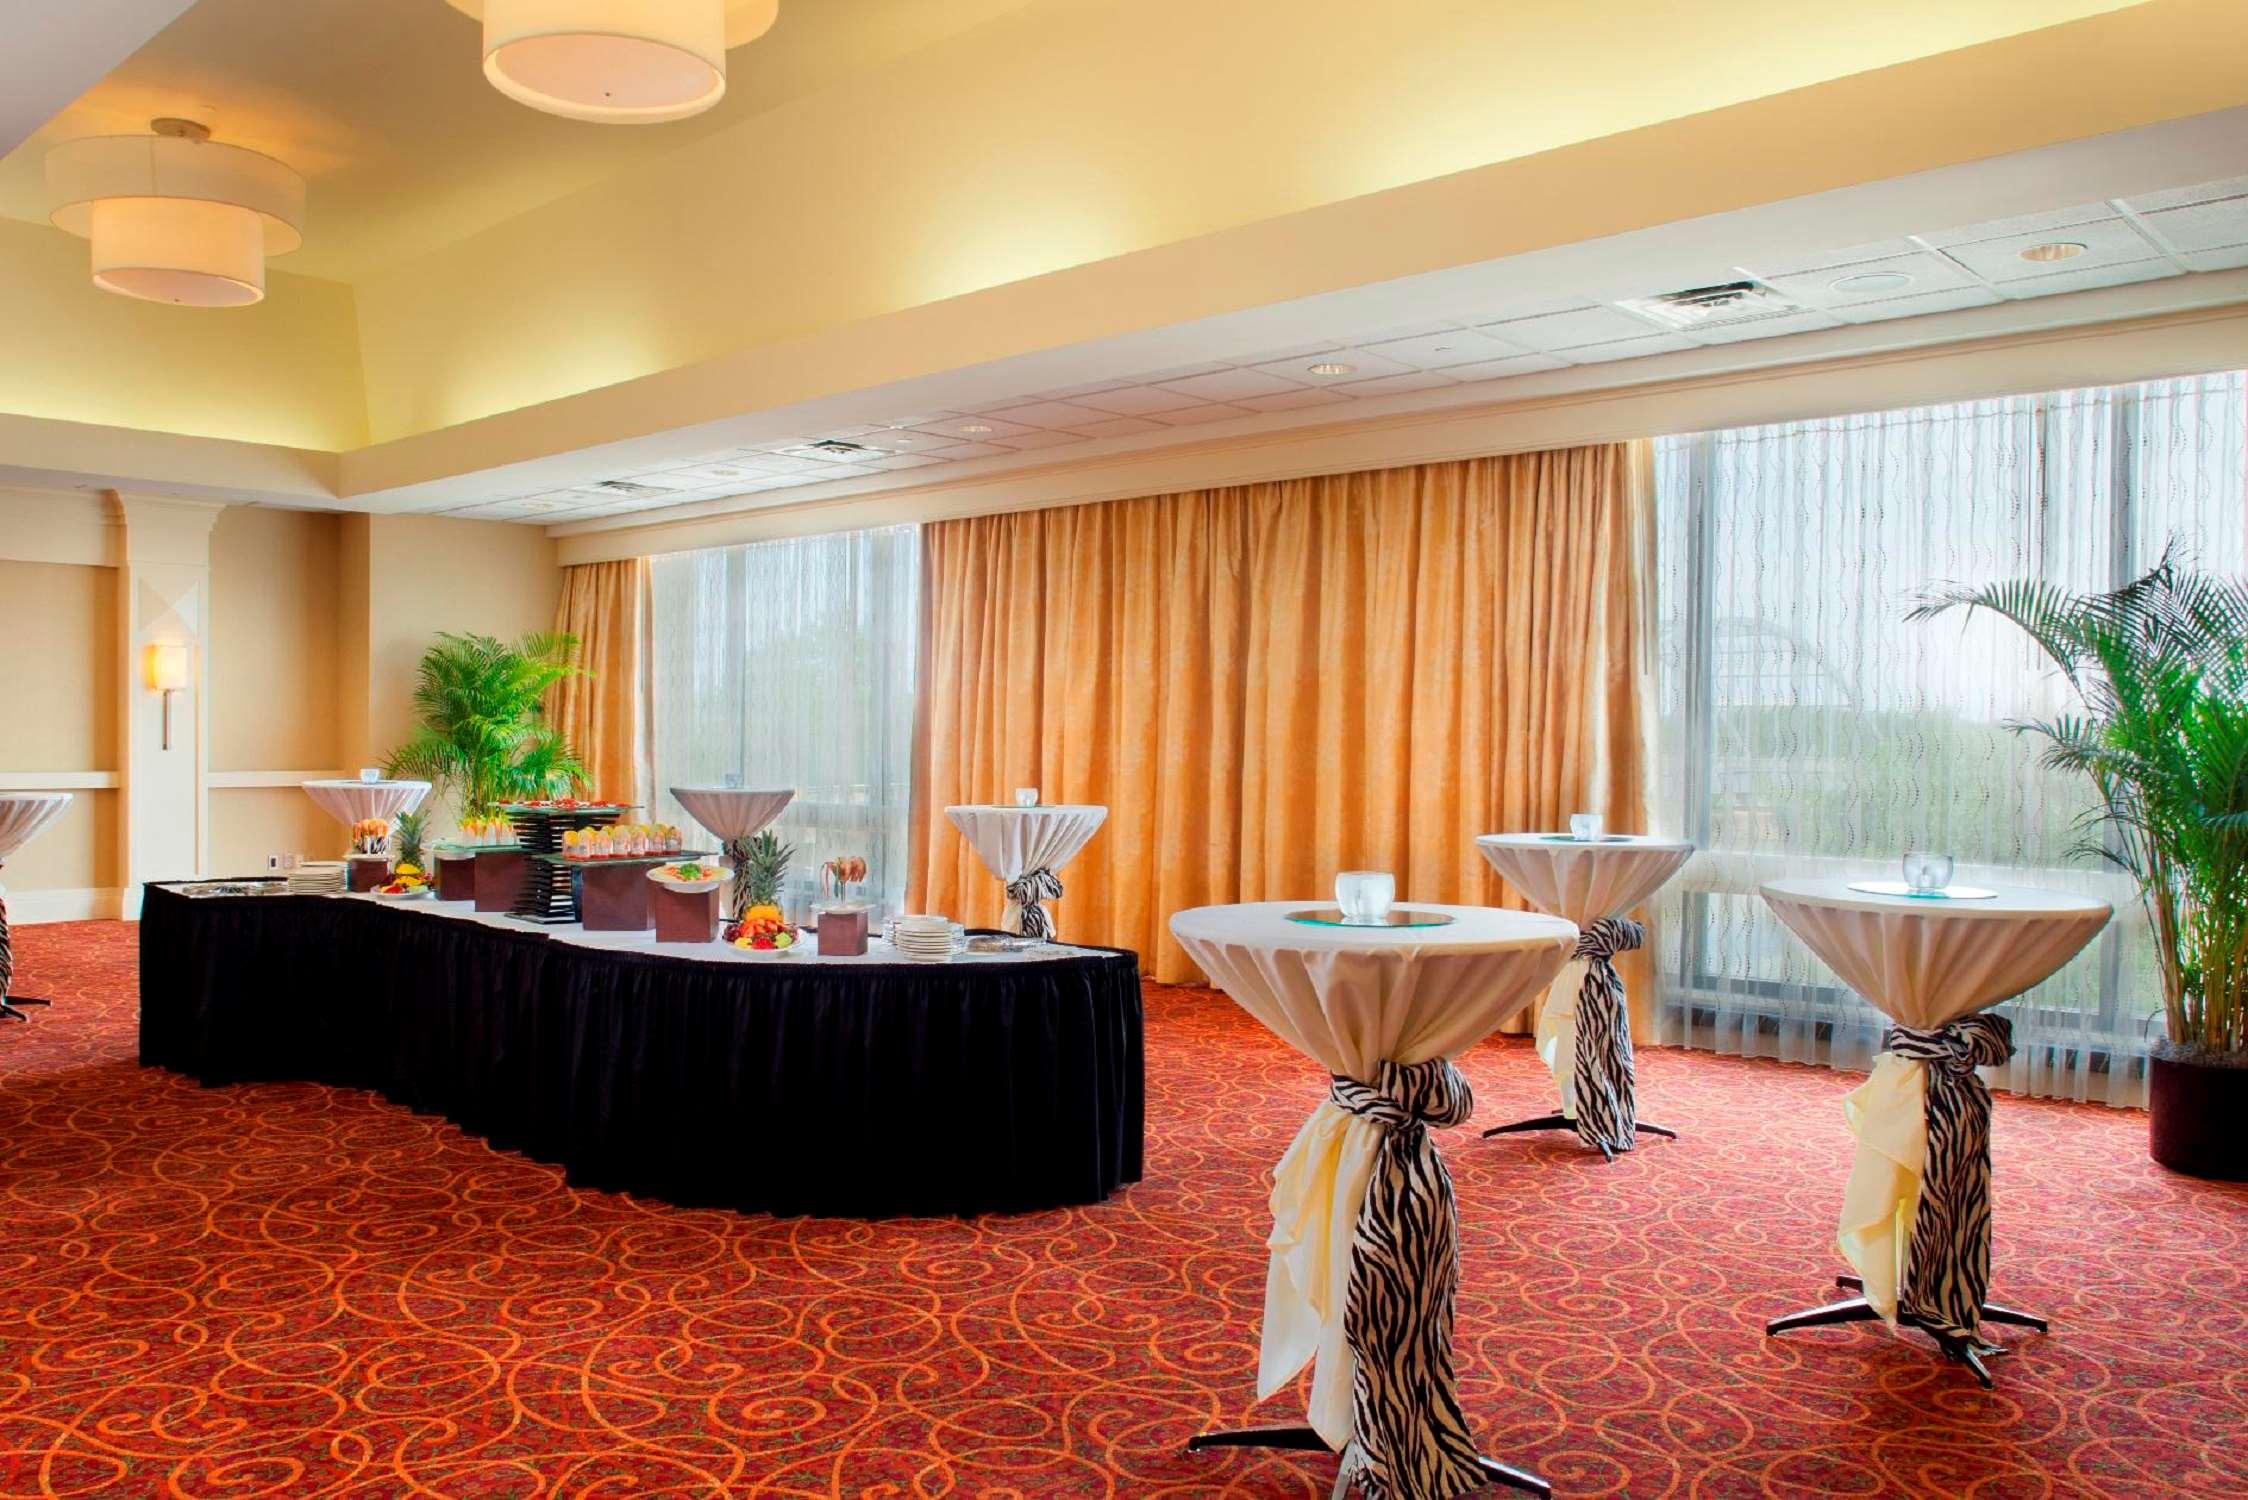 DoubleTree by Hilton Hotel Little Rock image 30